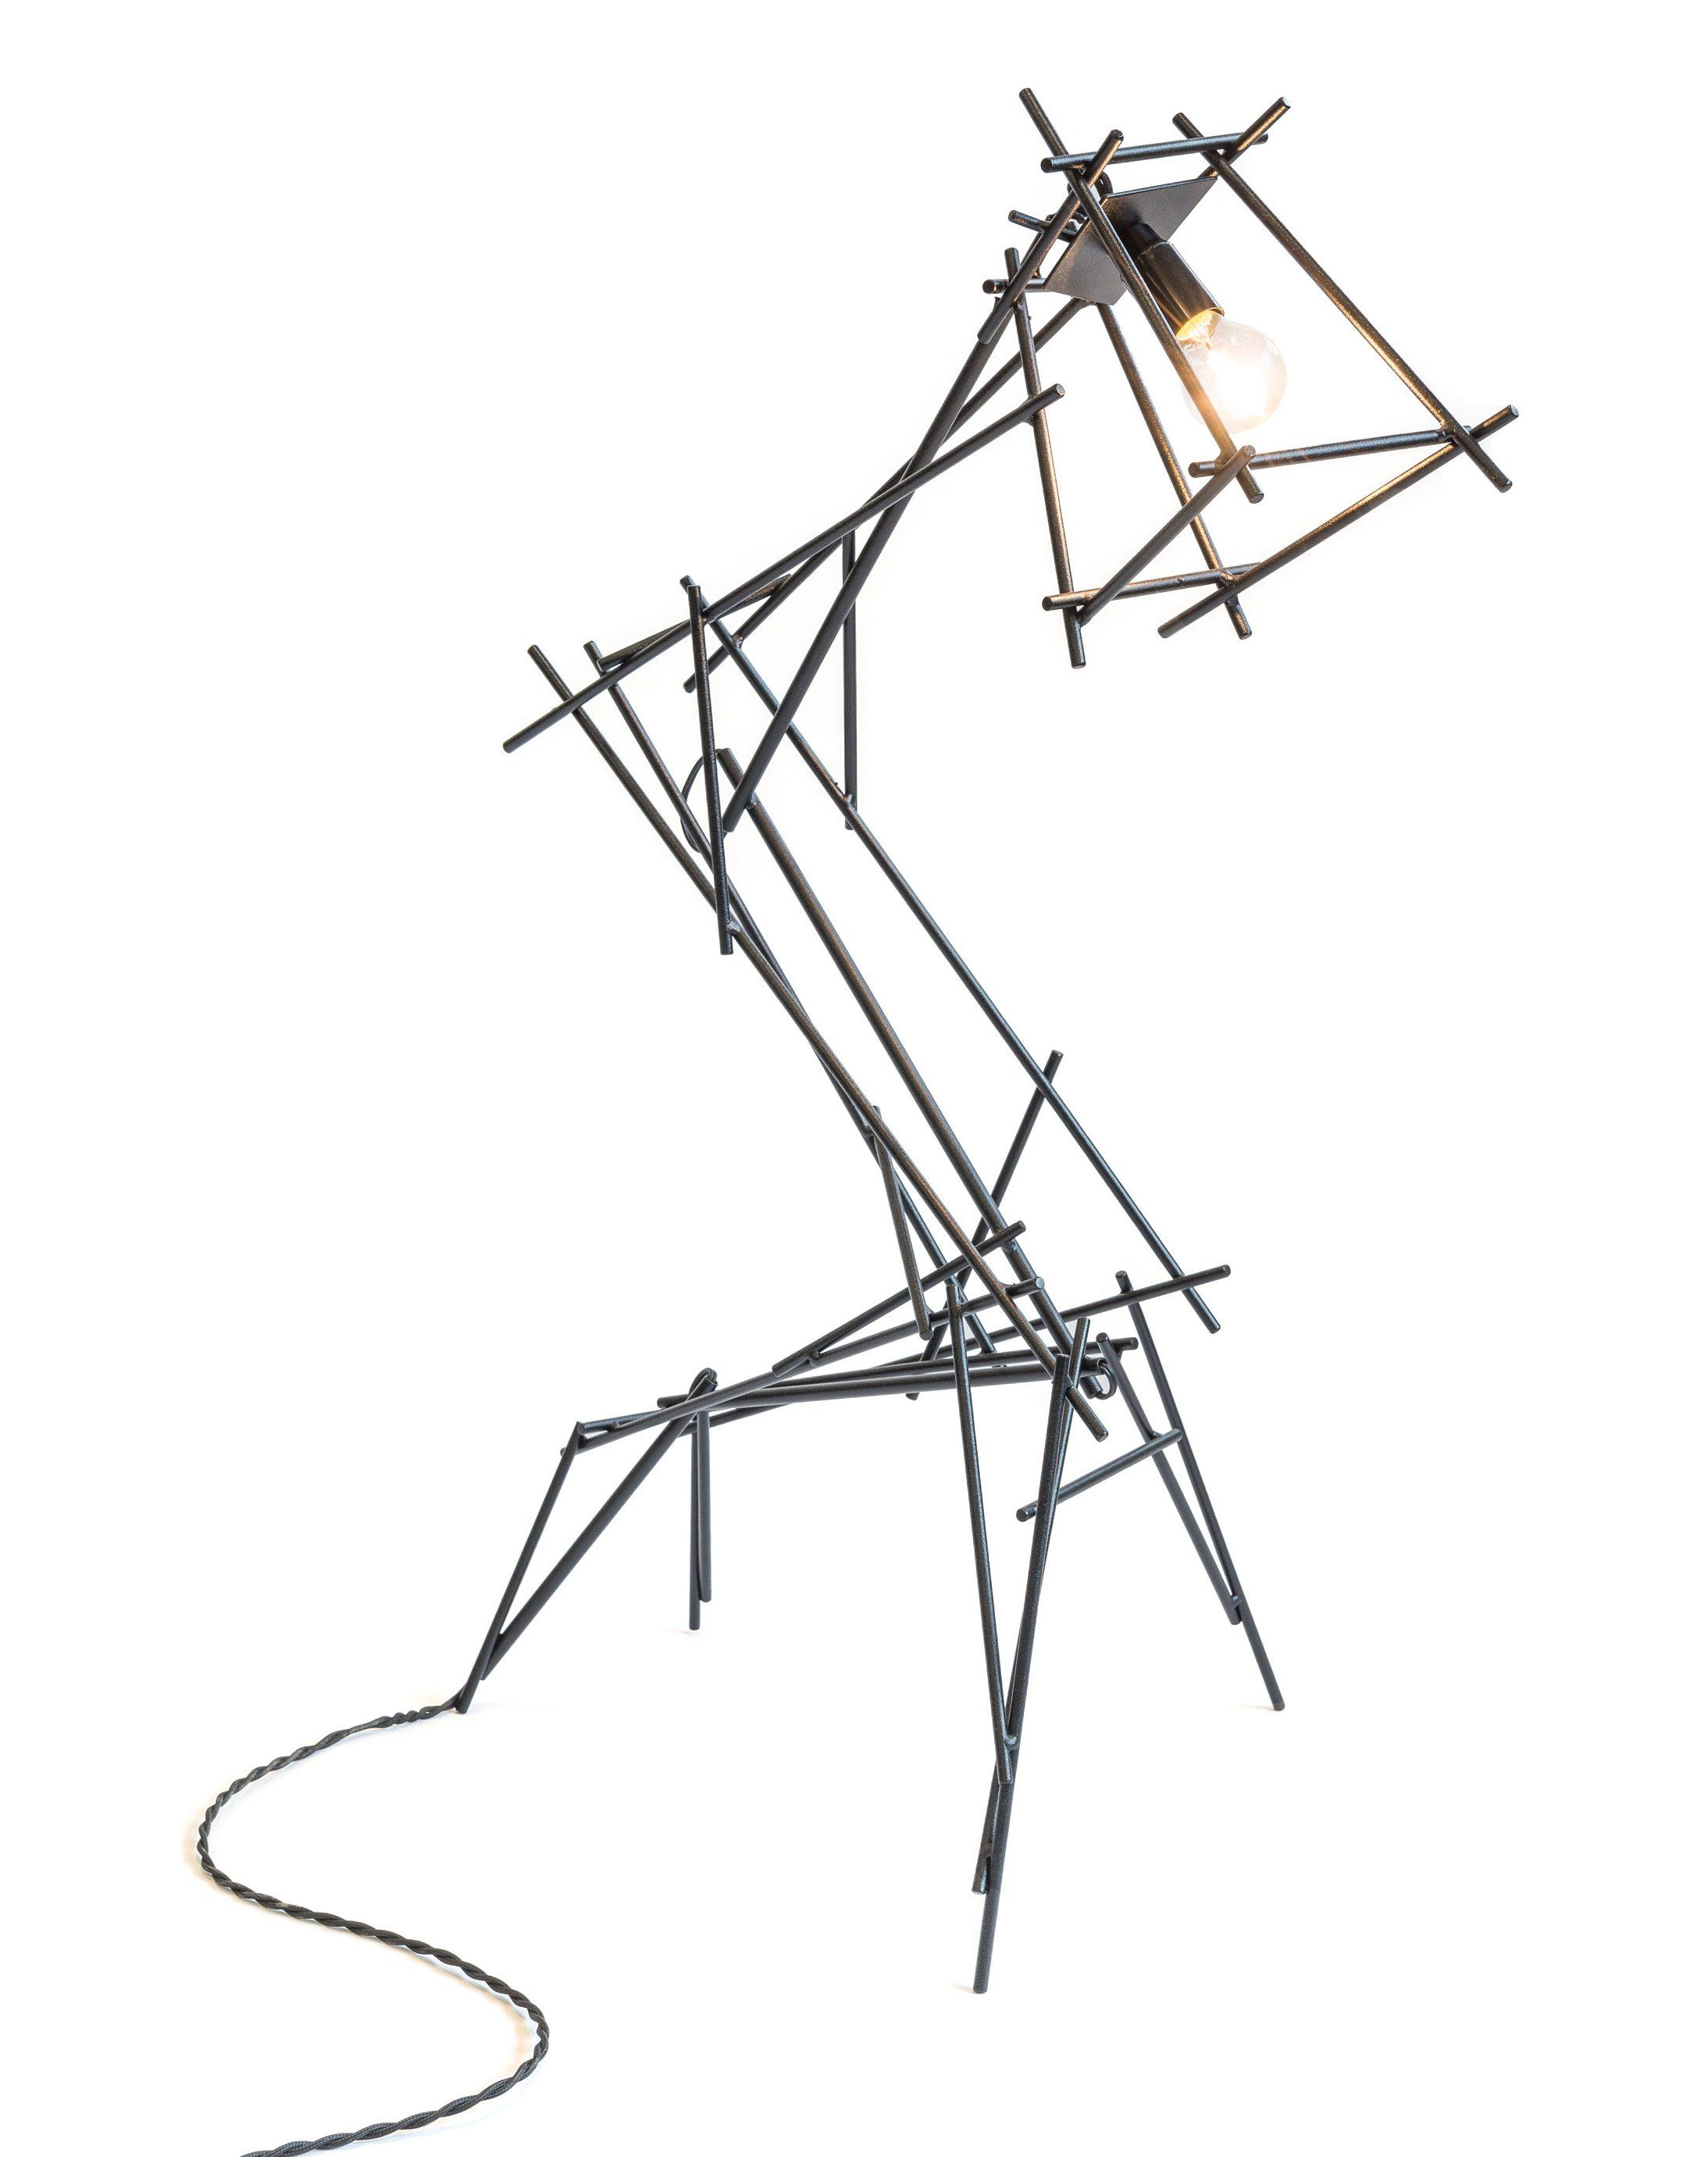 Joost van Bleiswijk designs furniture and lighting to look like his paintings